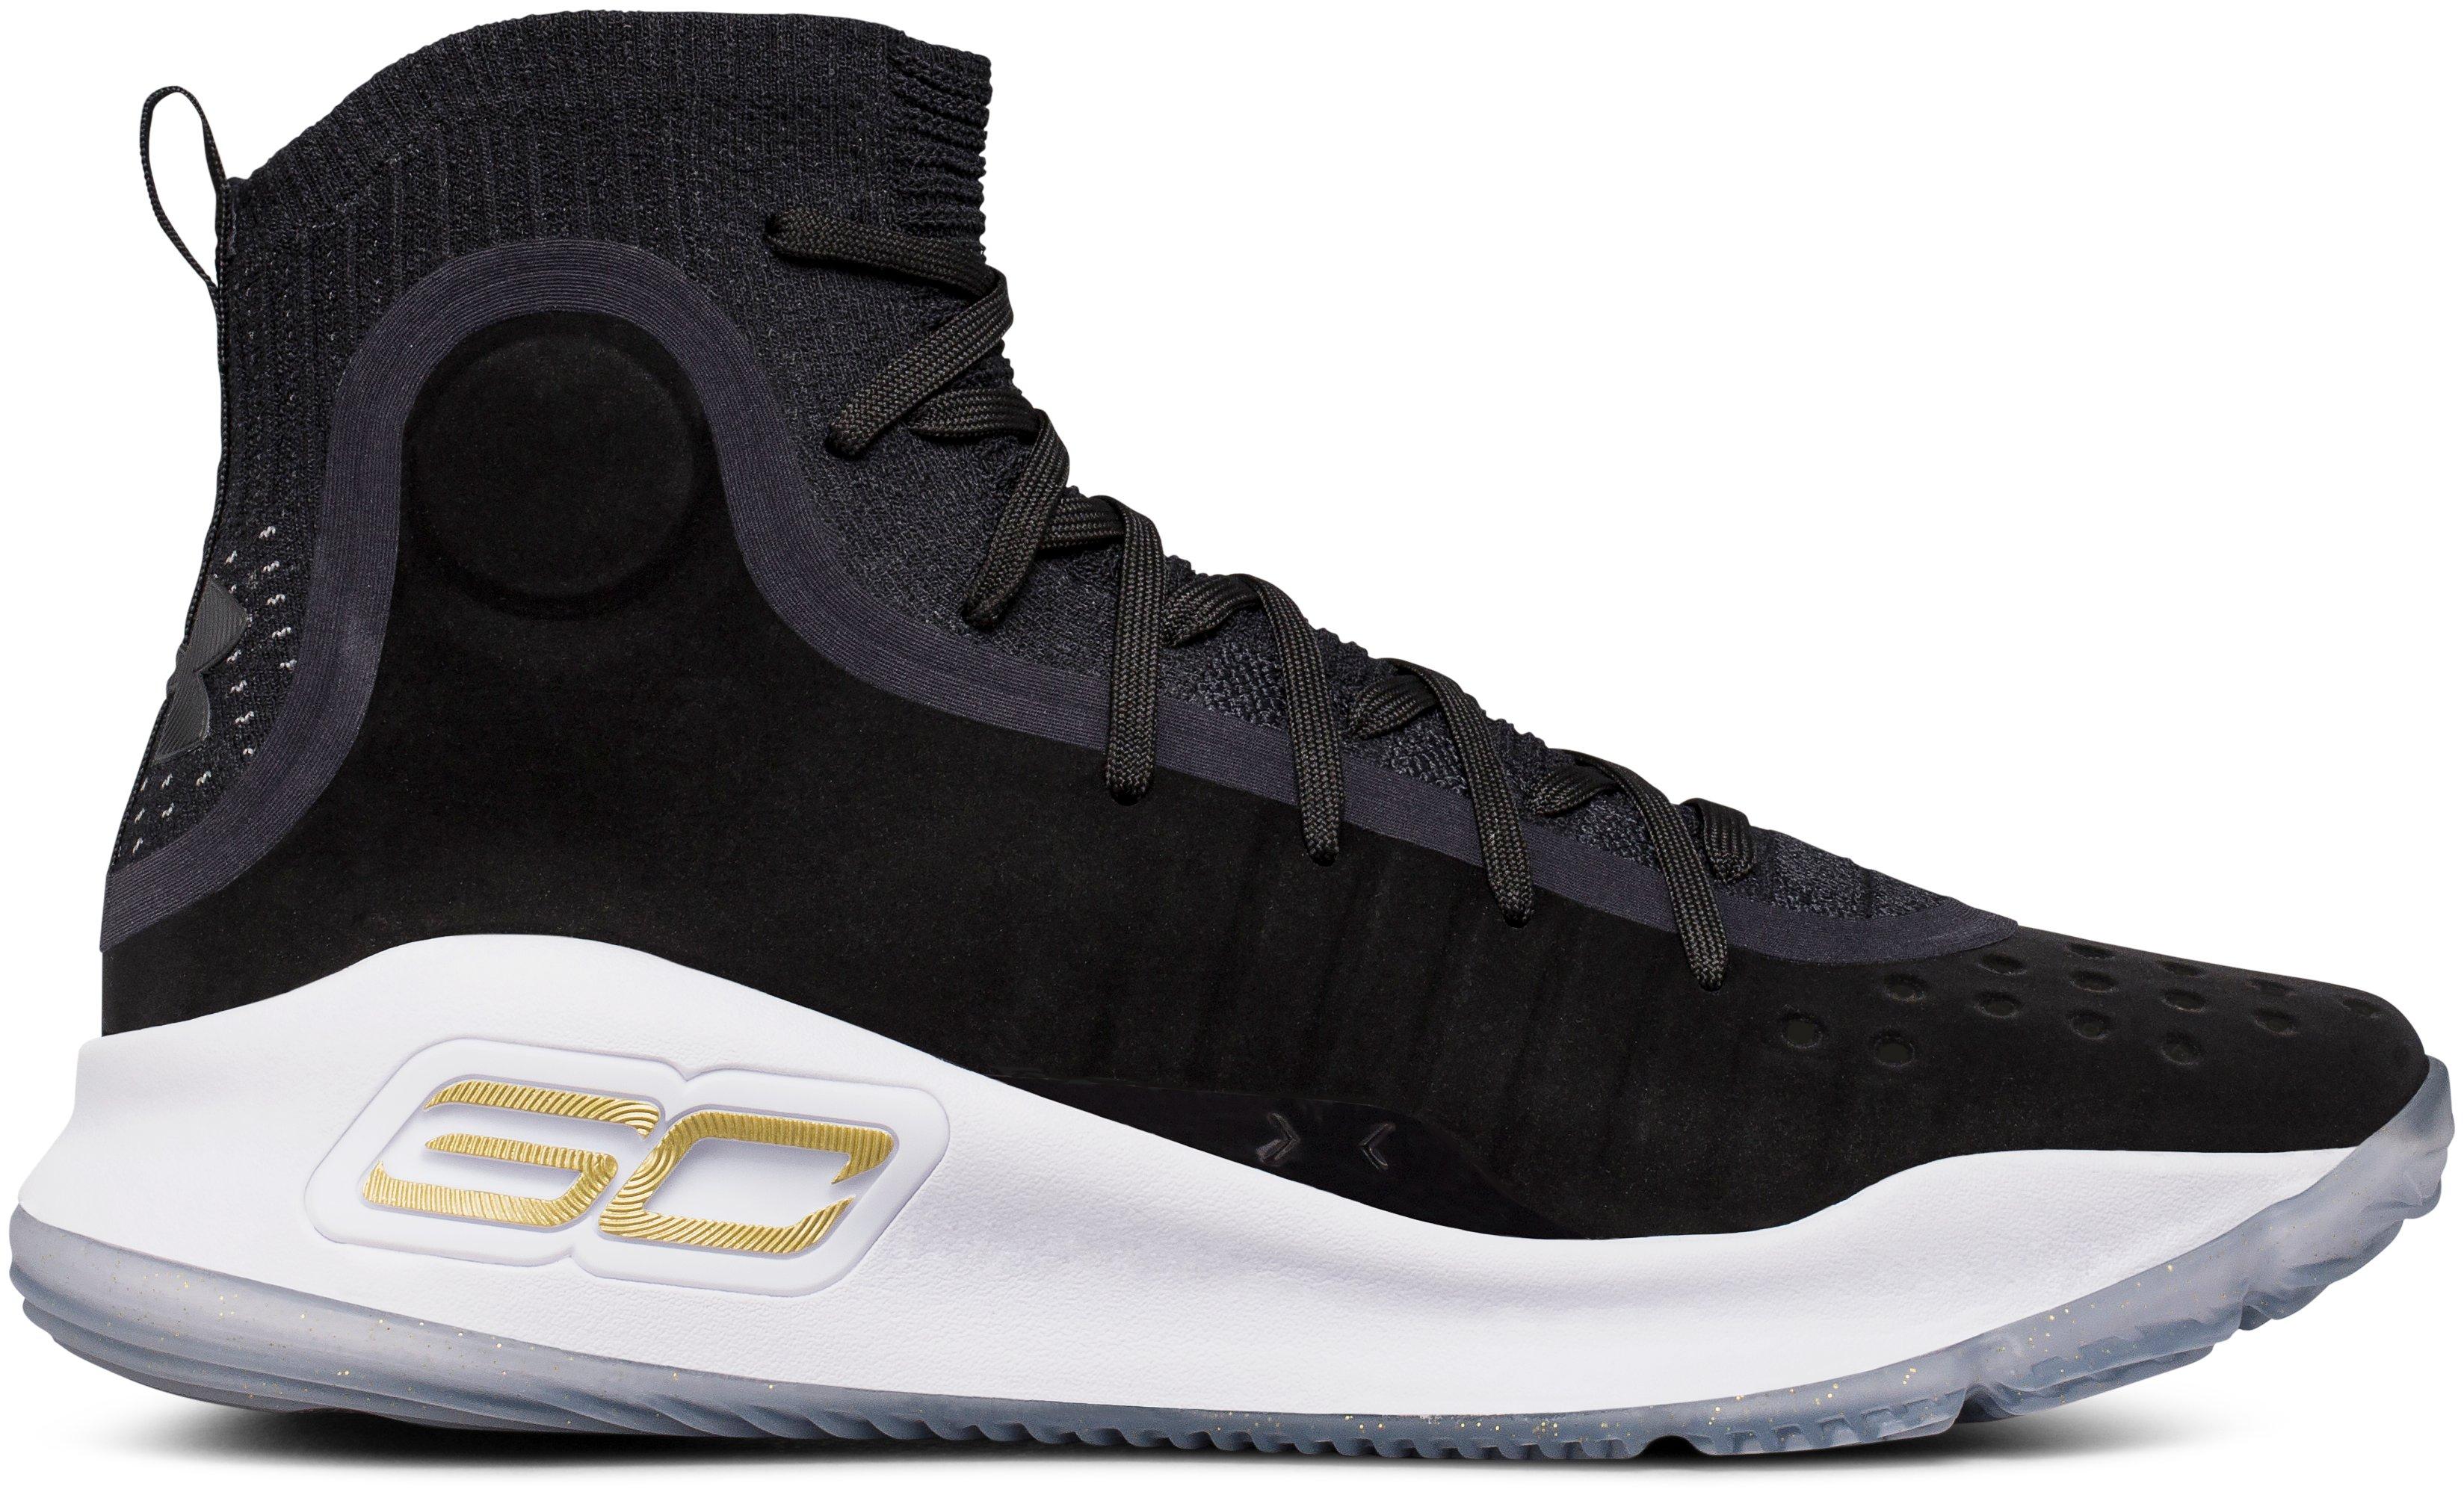 Zapatillas de Basketball UA Curry 4 para Hombre, 360 degree view